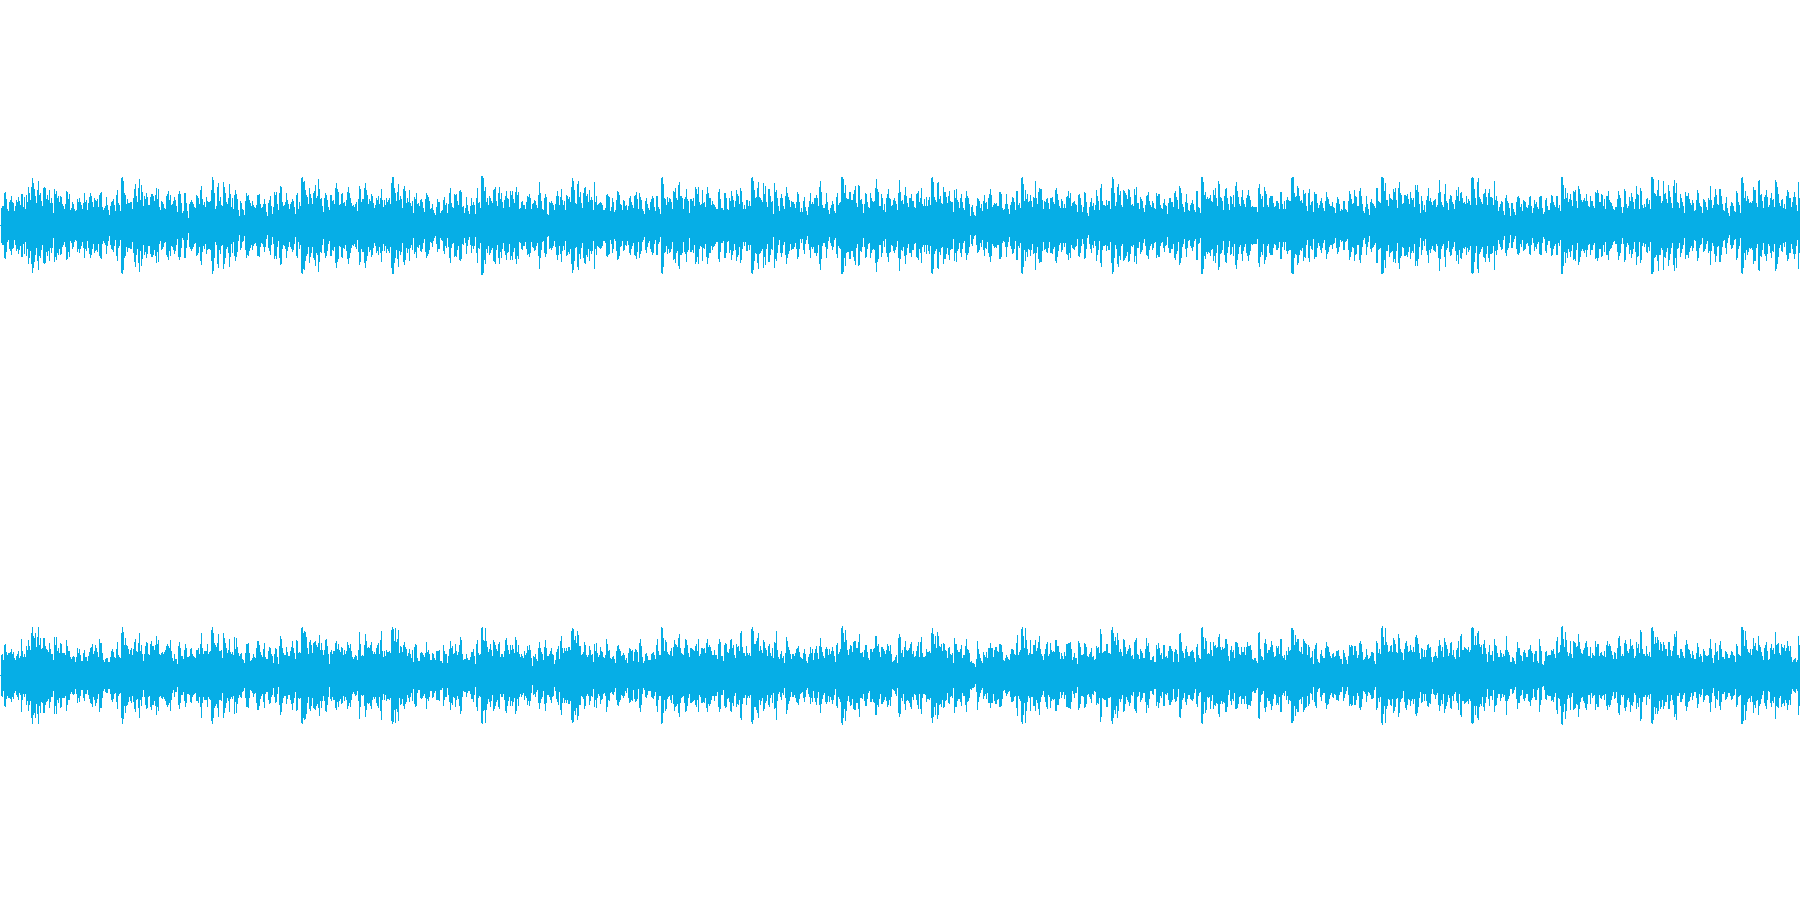 「ループ音源シリーズ」古色蒼然とし鬱蒼…の再生済みの波形